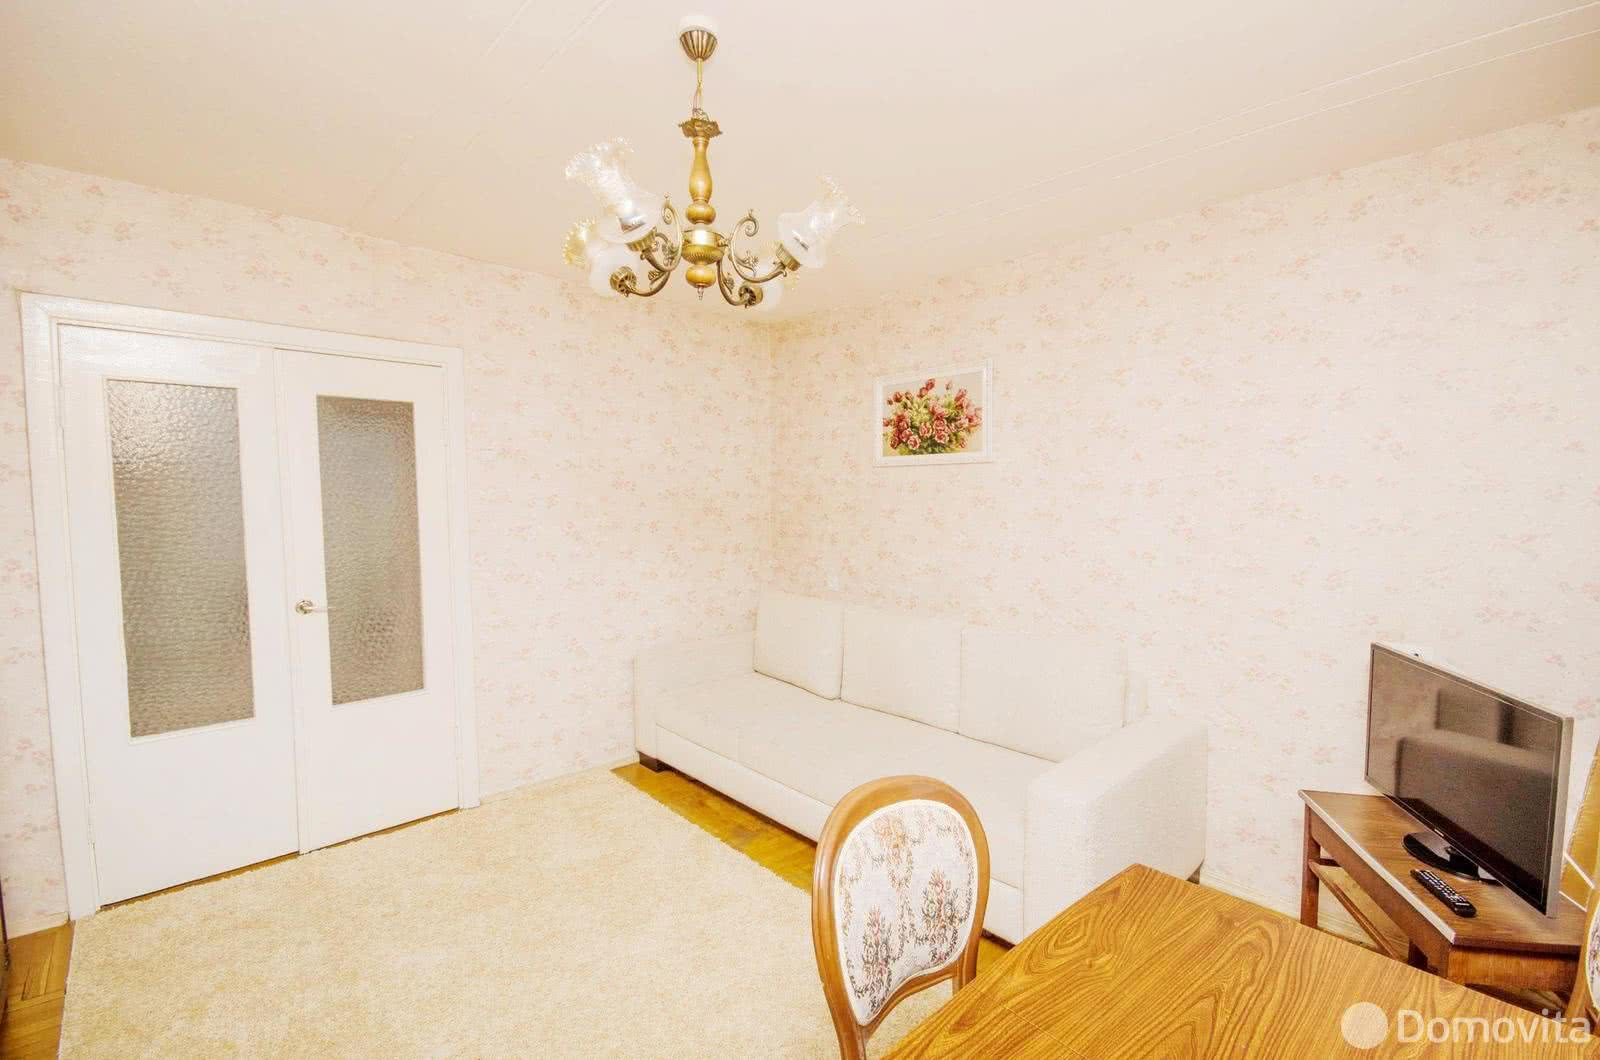 2-комнатная квартира на сутки в Минске ул. Немига, д. 10 - фото 3